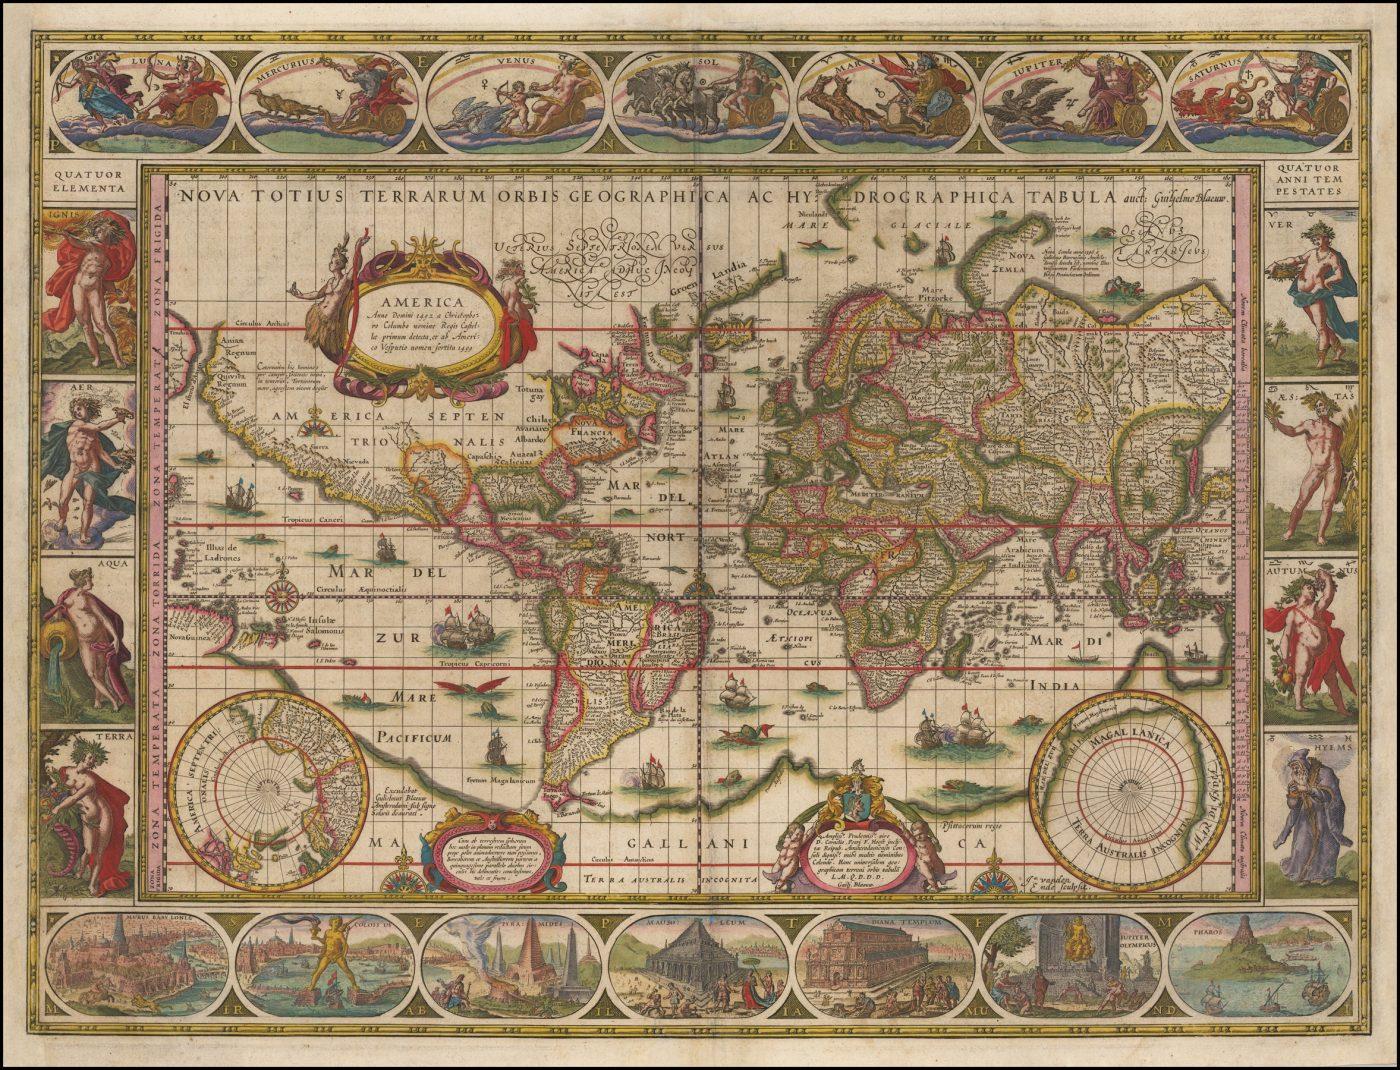 Классическая карта мира Блау на проекции Меркатора 1660 года